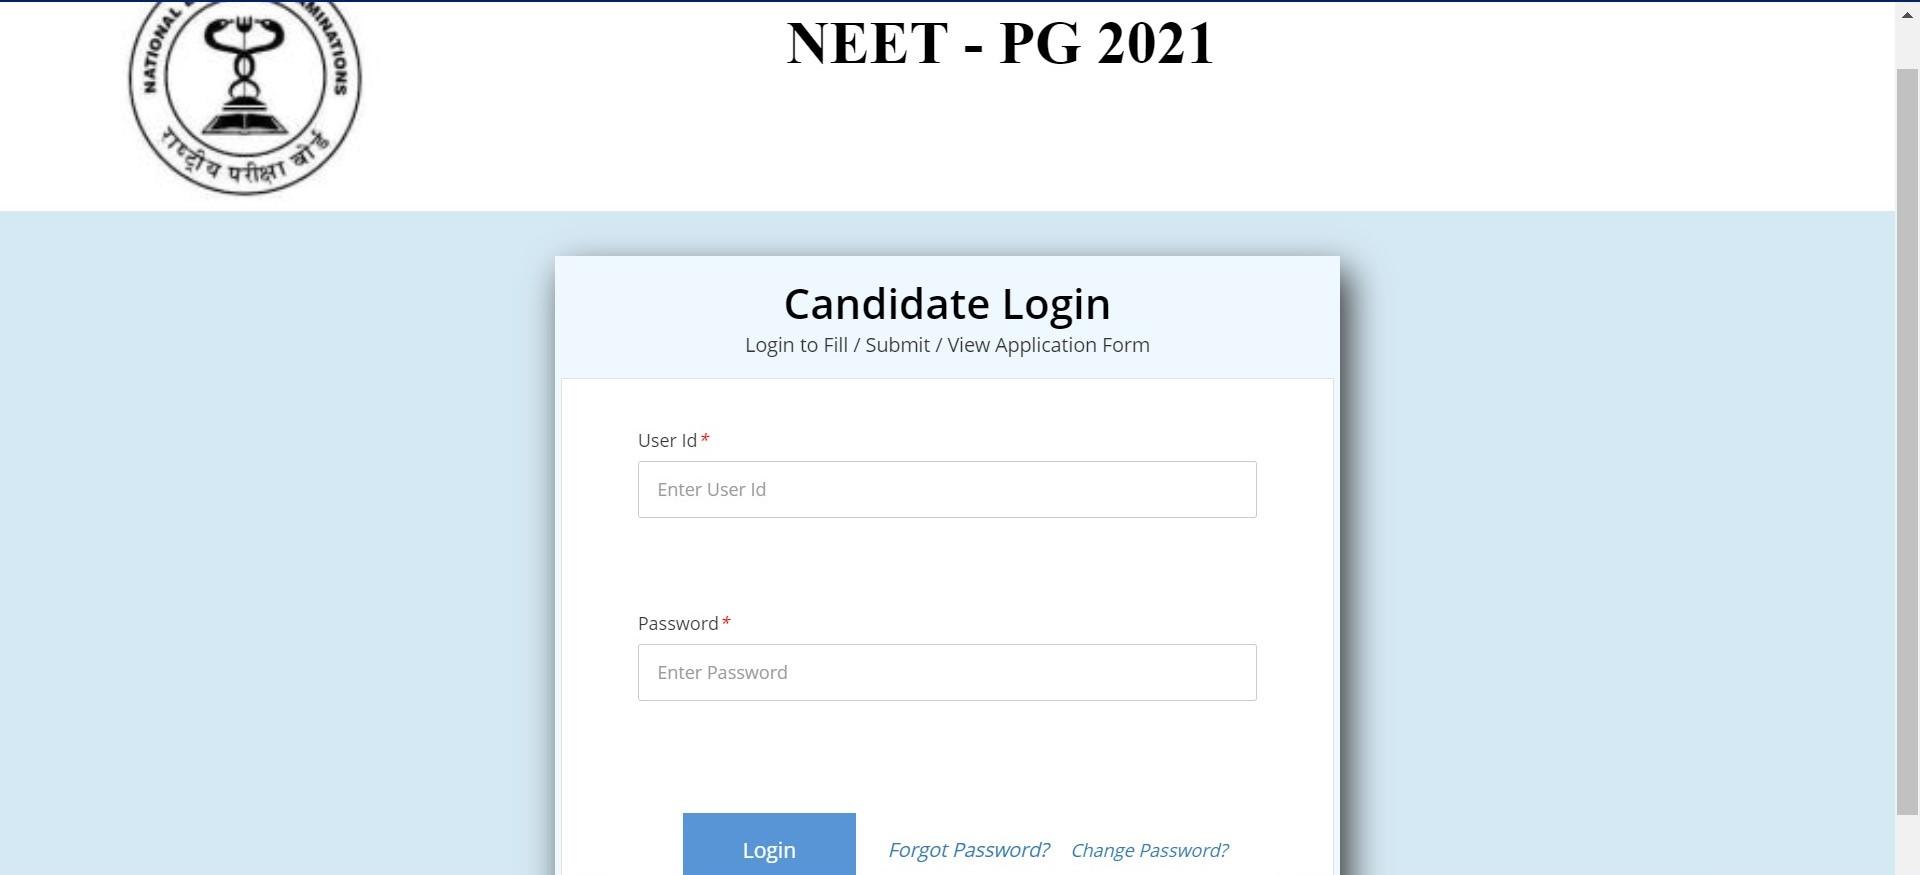 Neet 2021 candidate login